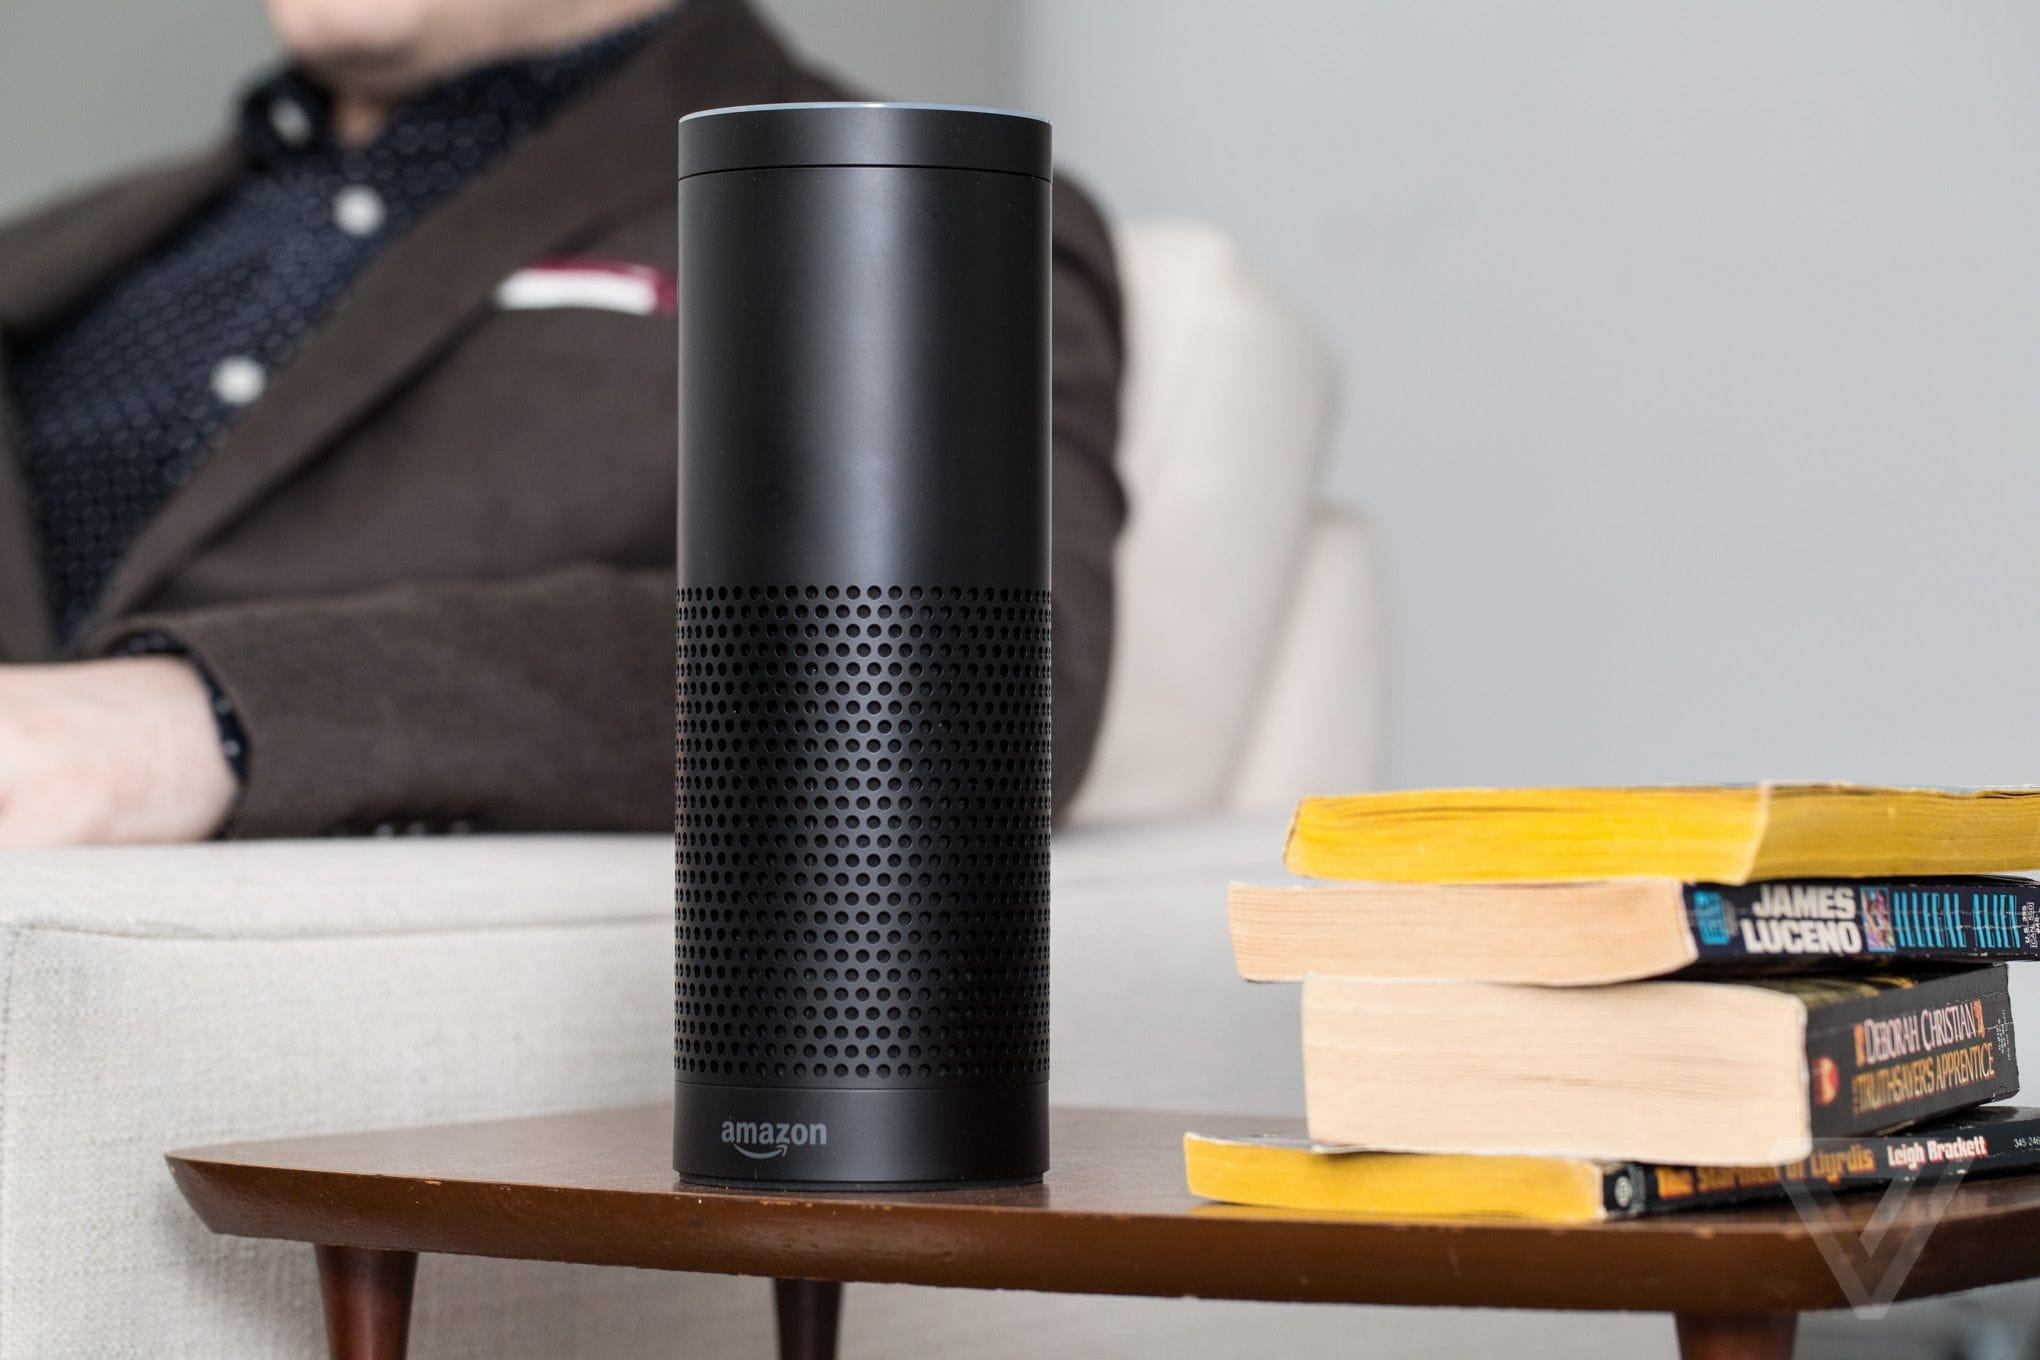 smart speakers echo